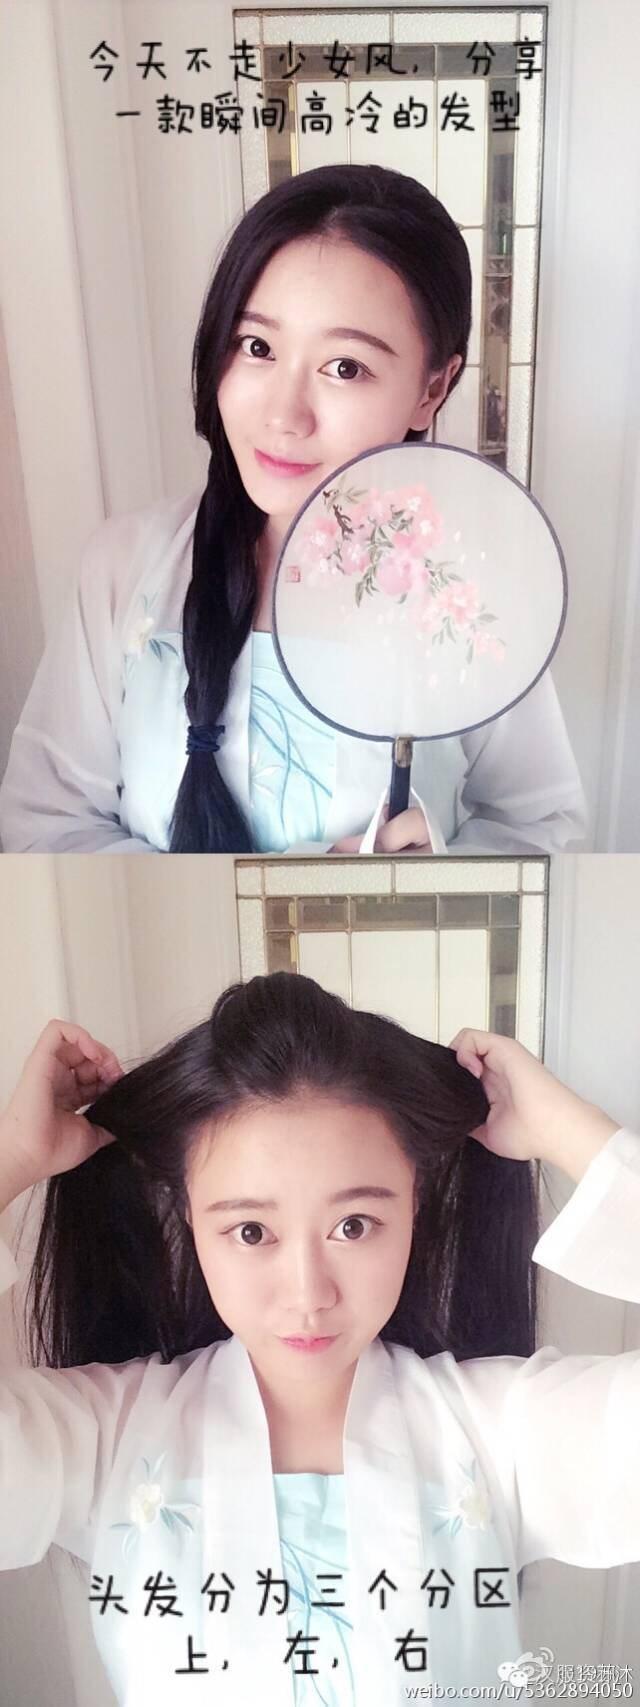 一款感觉自己要羽化登仙的发型-图片1